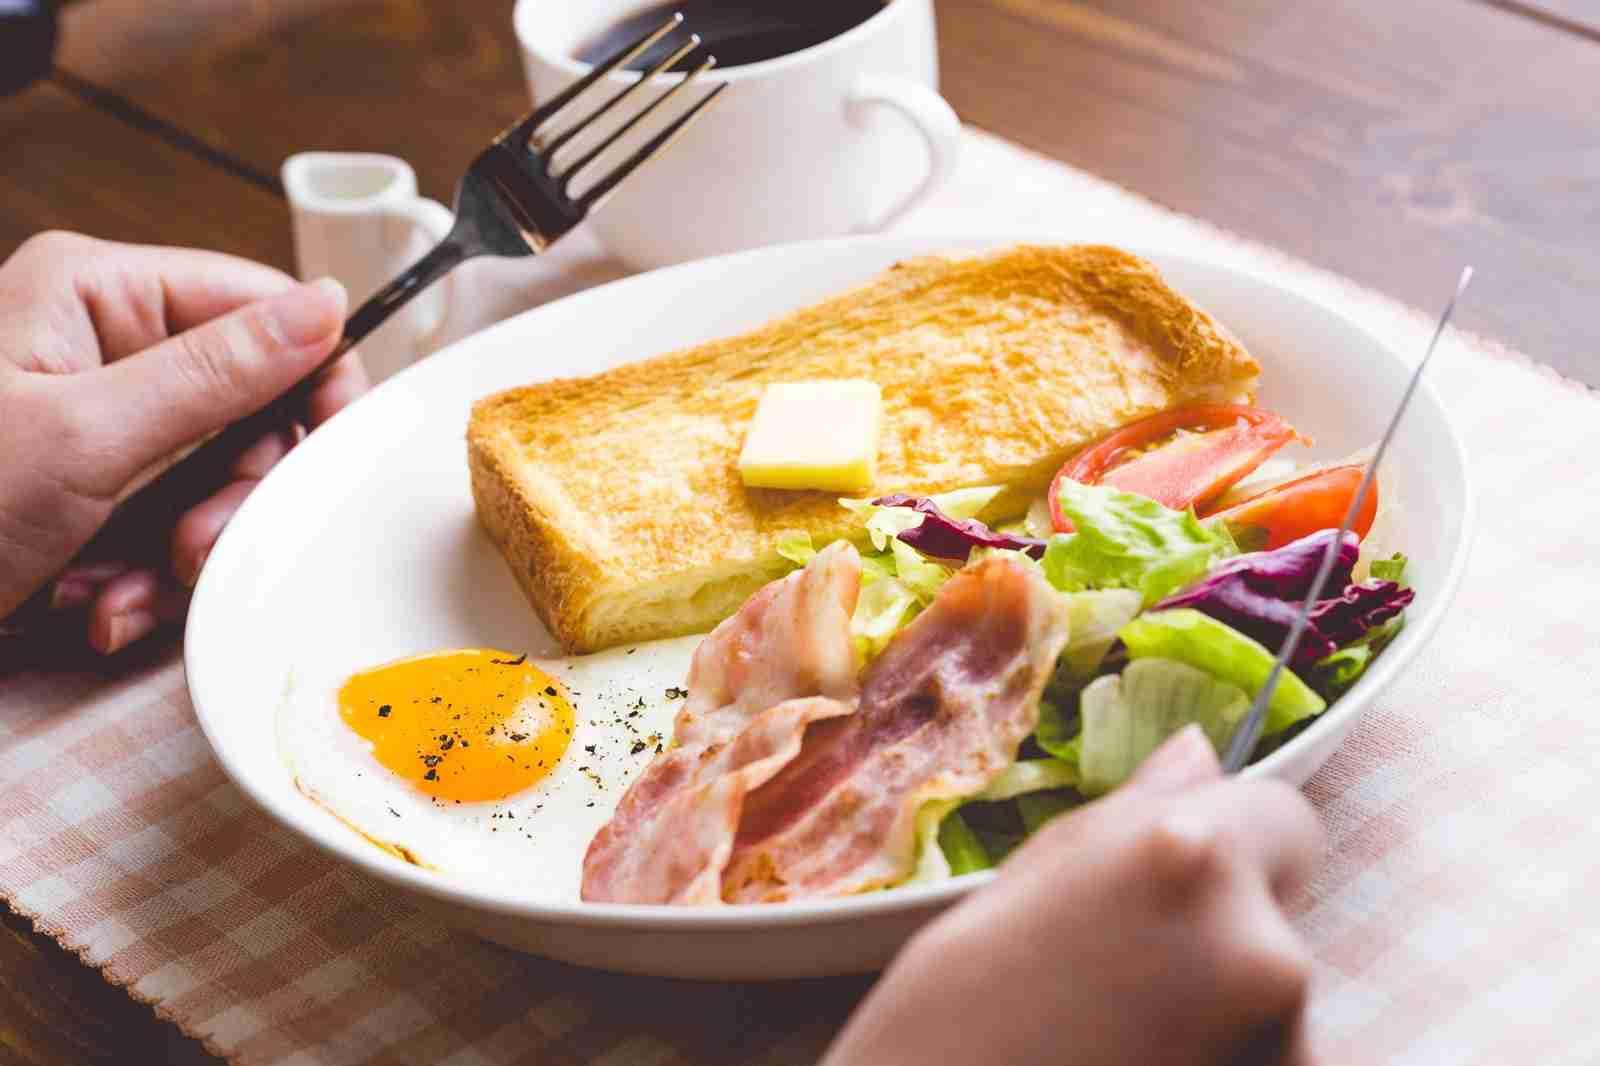 共働き夫婦、旦那のみ仕事の日の朝食やお弁当